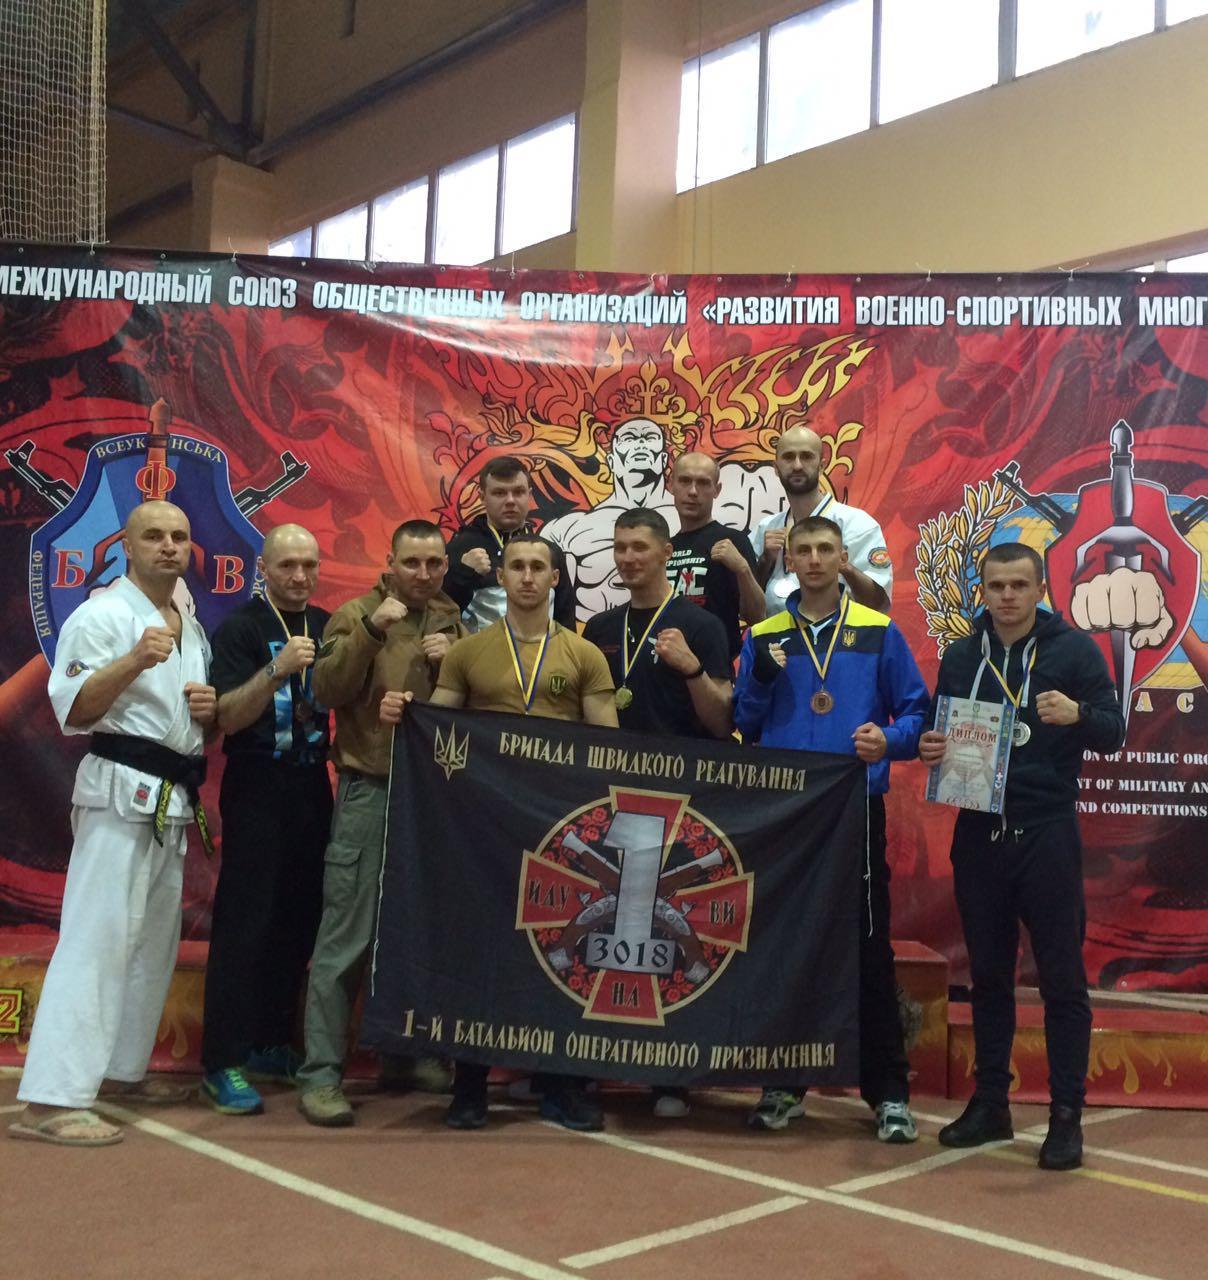 Чемпіонат України з військово-спортивних багатоборств. Фото